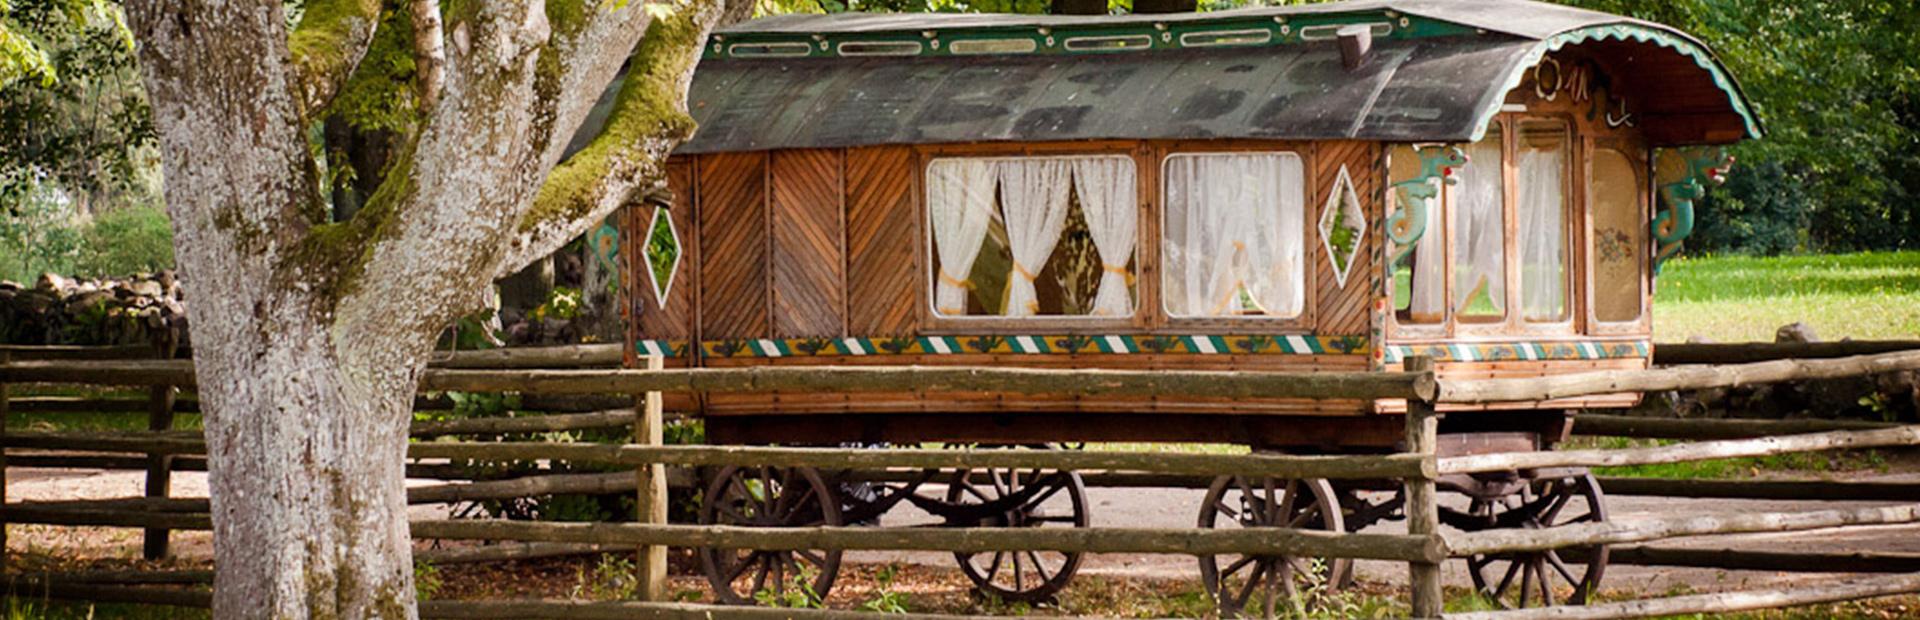 Zdjęcie przedstawia cygański drewniany wóz stojący przy drodze. W oknach widać białe firanki.